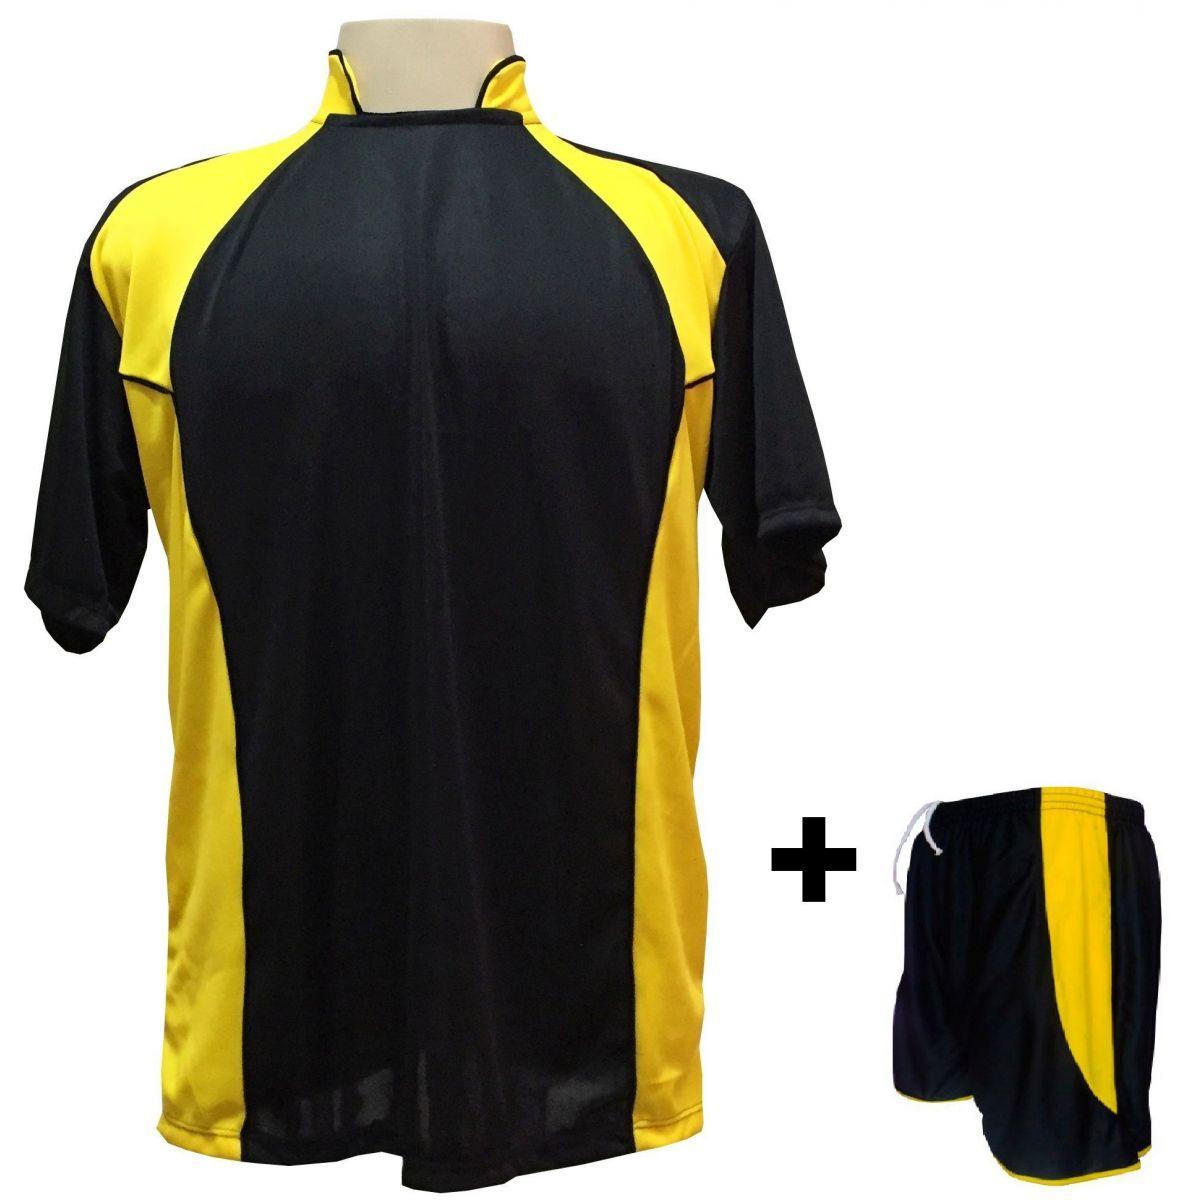 cd87dc79c4 Uniforme Esportivo com 14 camisas modelo Suécia Preto Amarelo + 14 calções  modelo Copa + 1 Goleiro + Brindes - Play fair - Futebol - Magazine Luiza